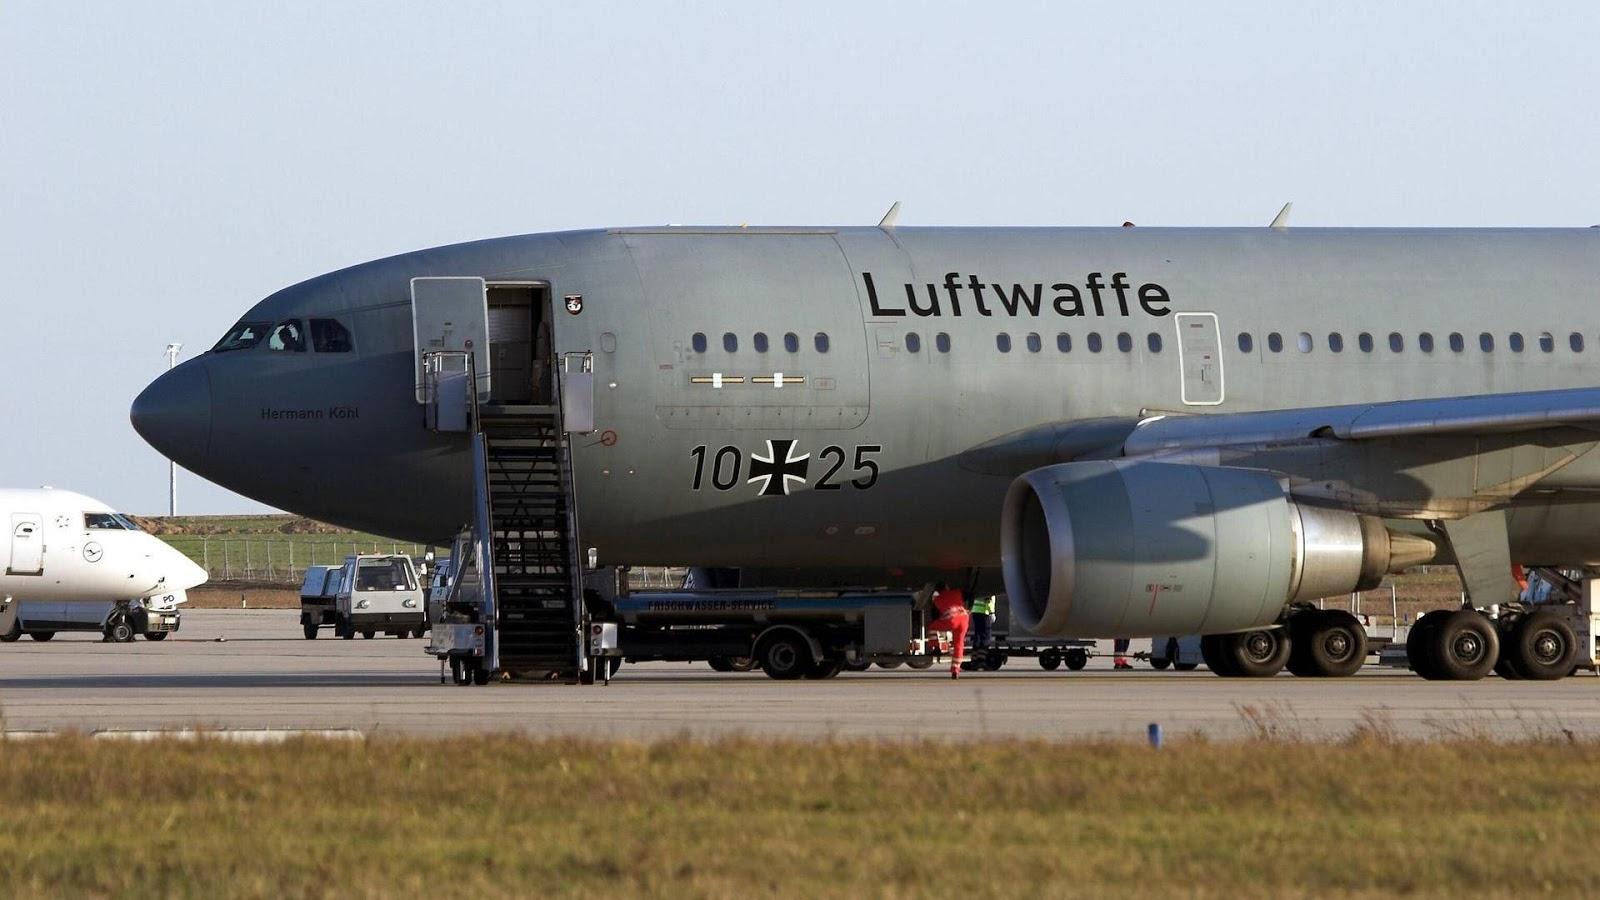 Jerman Evakuasi Warganya dari Wuhan dengan Pesawat Militer, Bagaimana Indonesia?